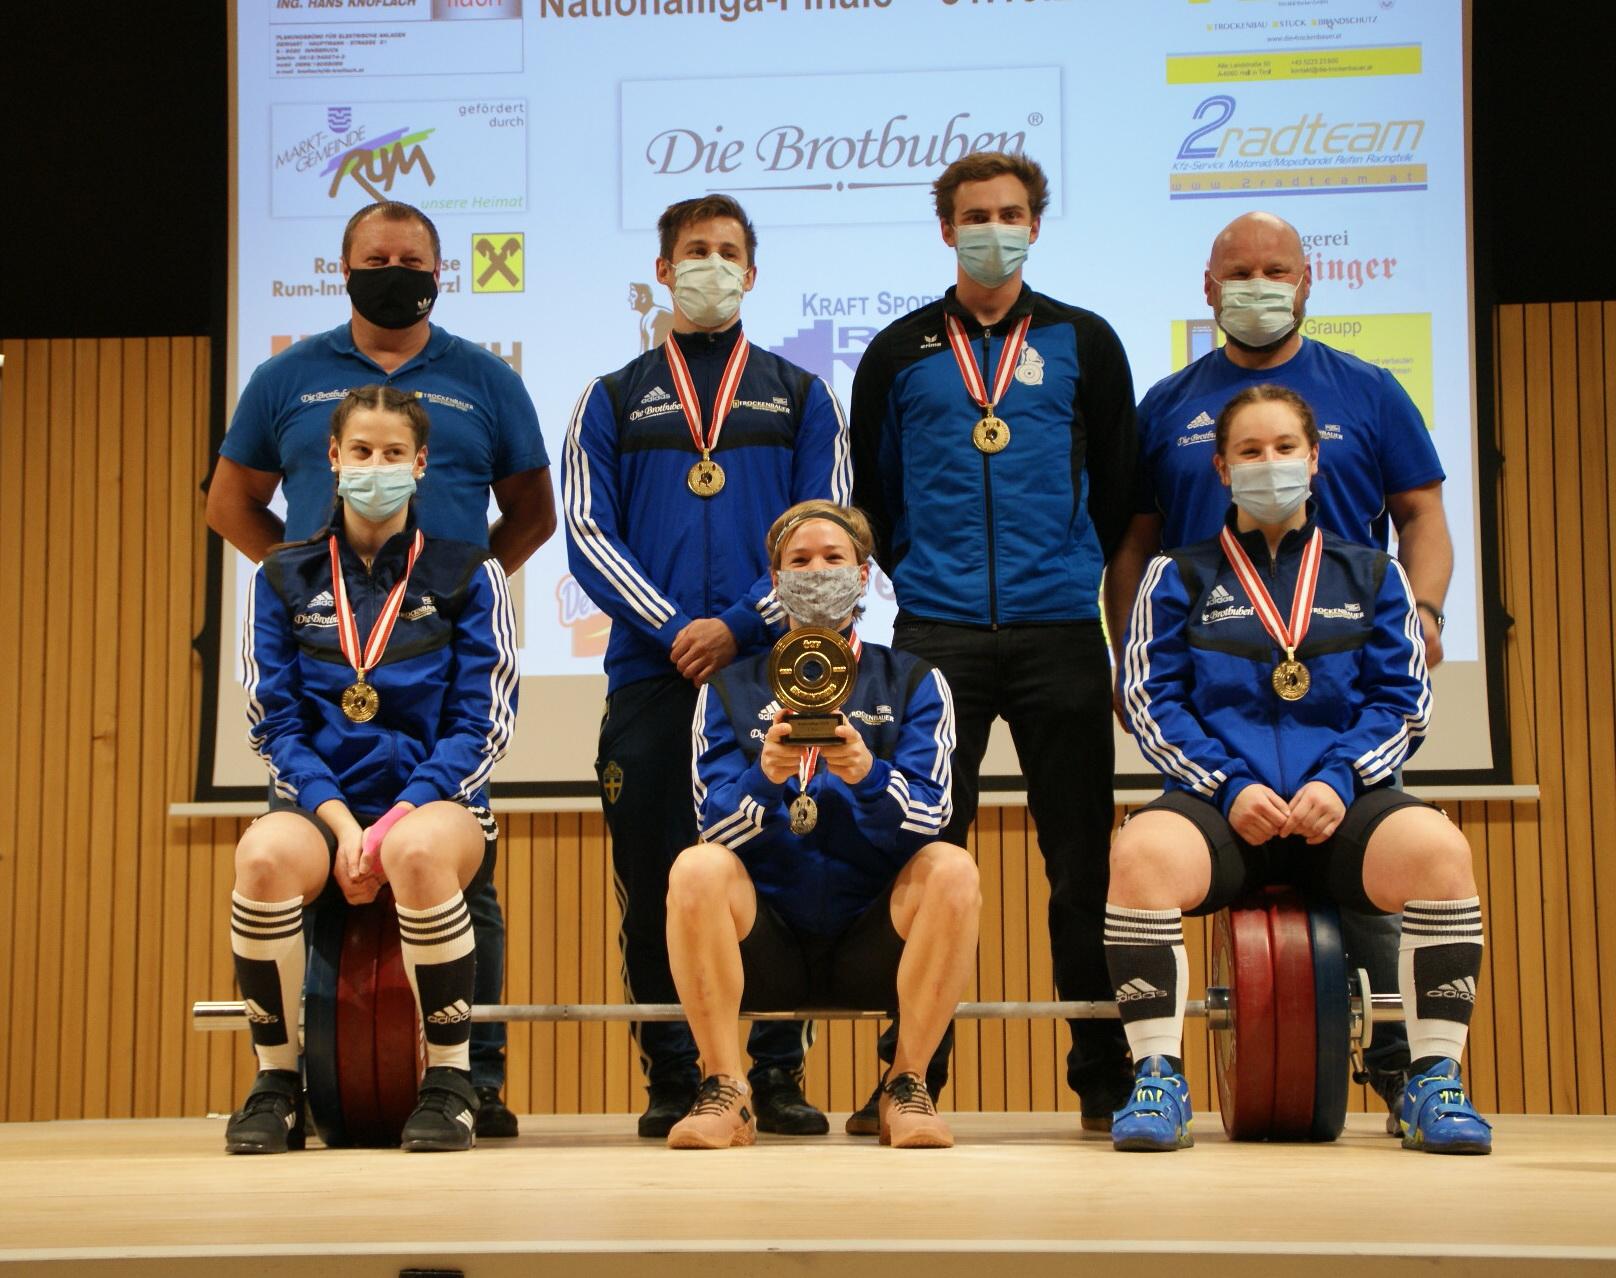 31.10.2020 - WKG Bad Häring - RUM ist Nationalliga-Meister 2020